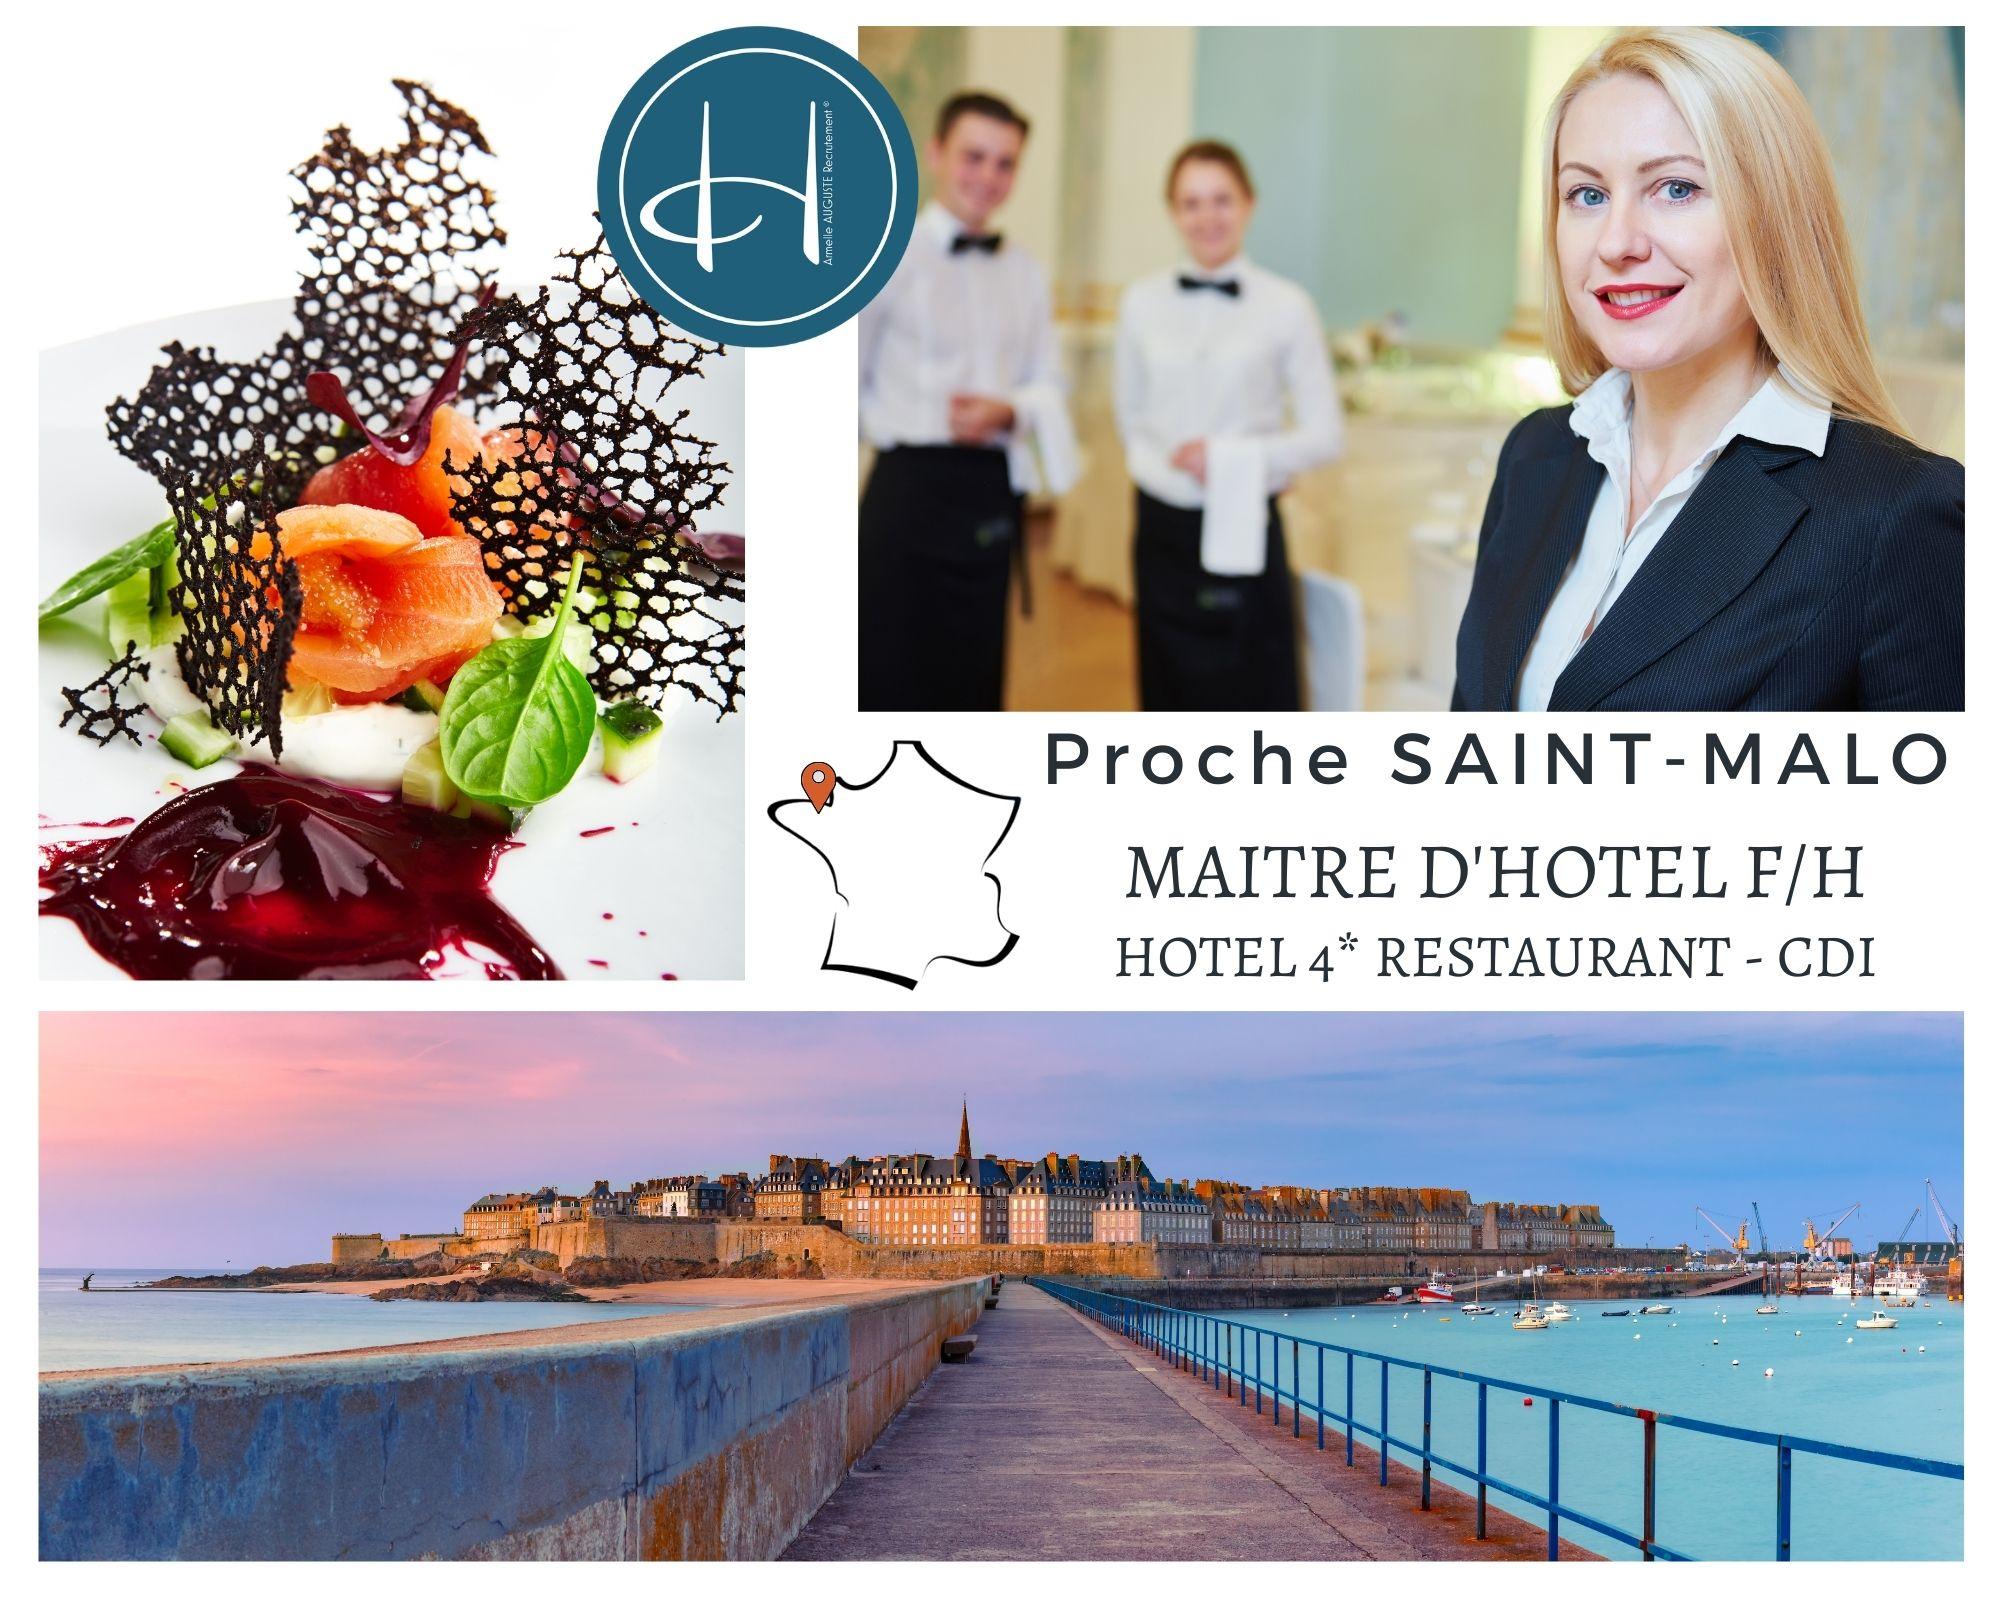 Recrutement: Maître d'hôtel - Hôtel 4* restaurant étoilé - proche Saint Malo F/H chez Armelle AUGUSTE Recrutement® à Saint-Malo